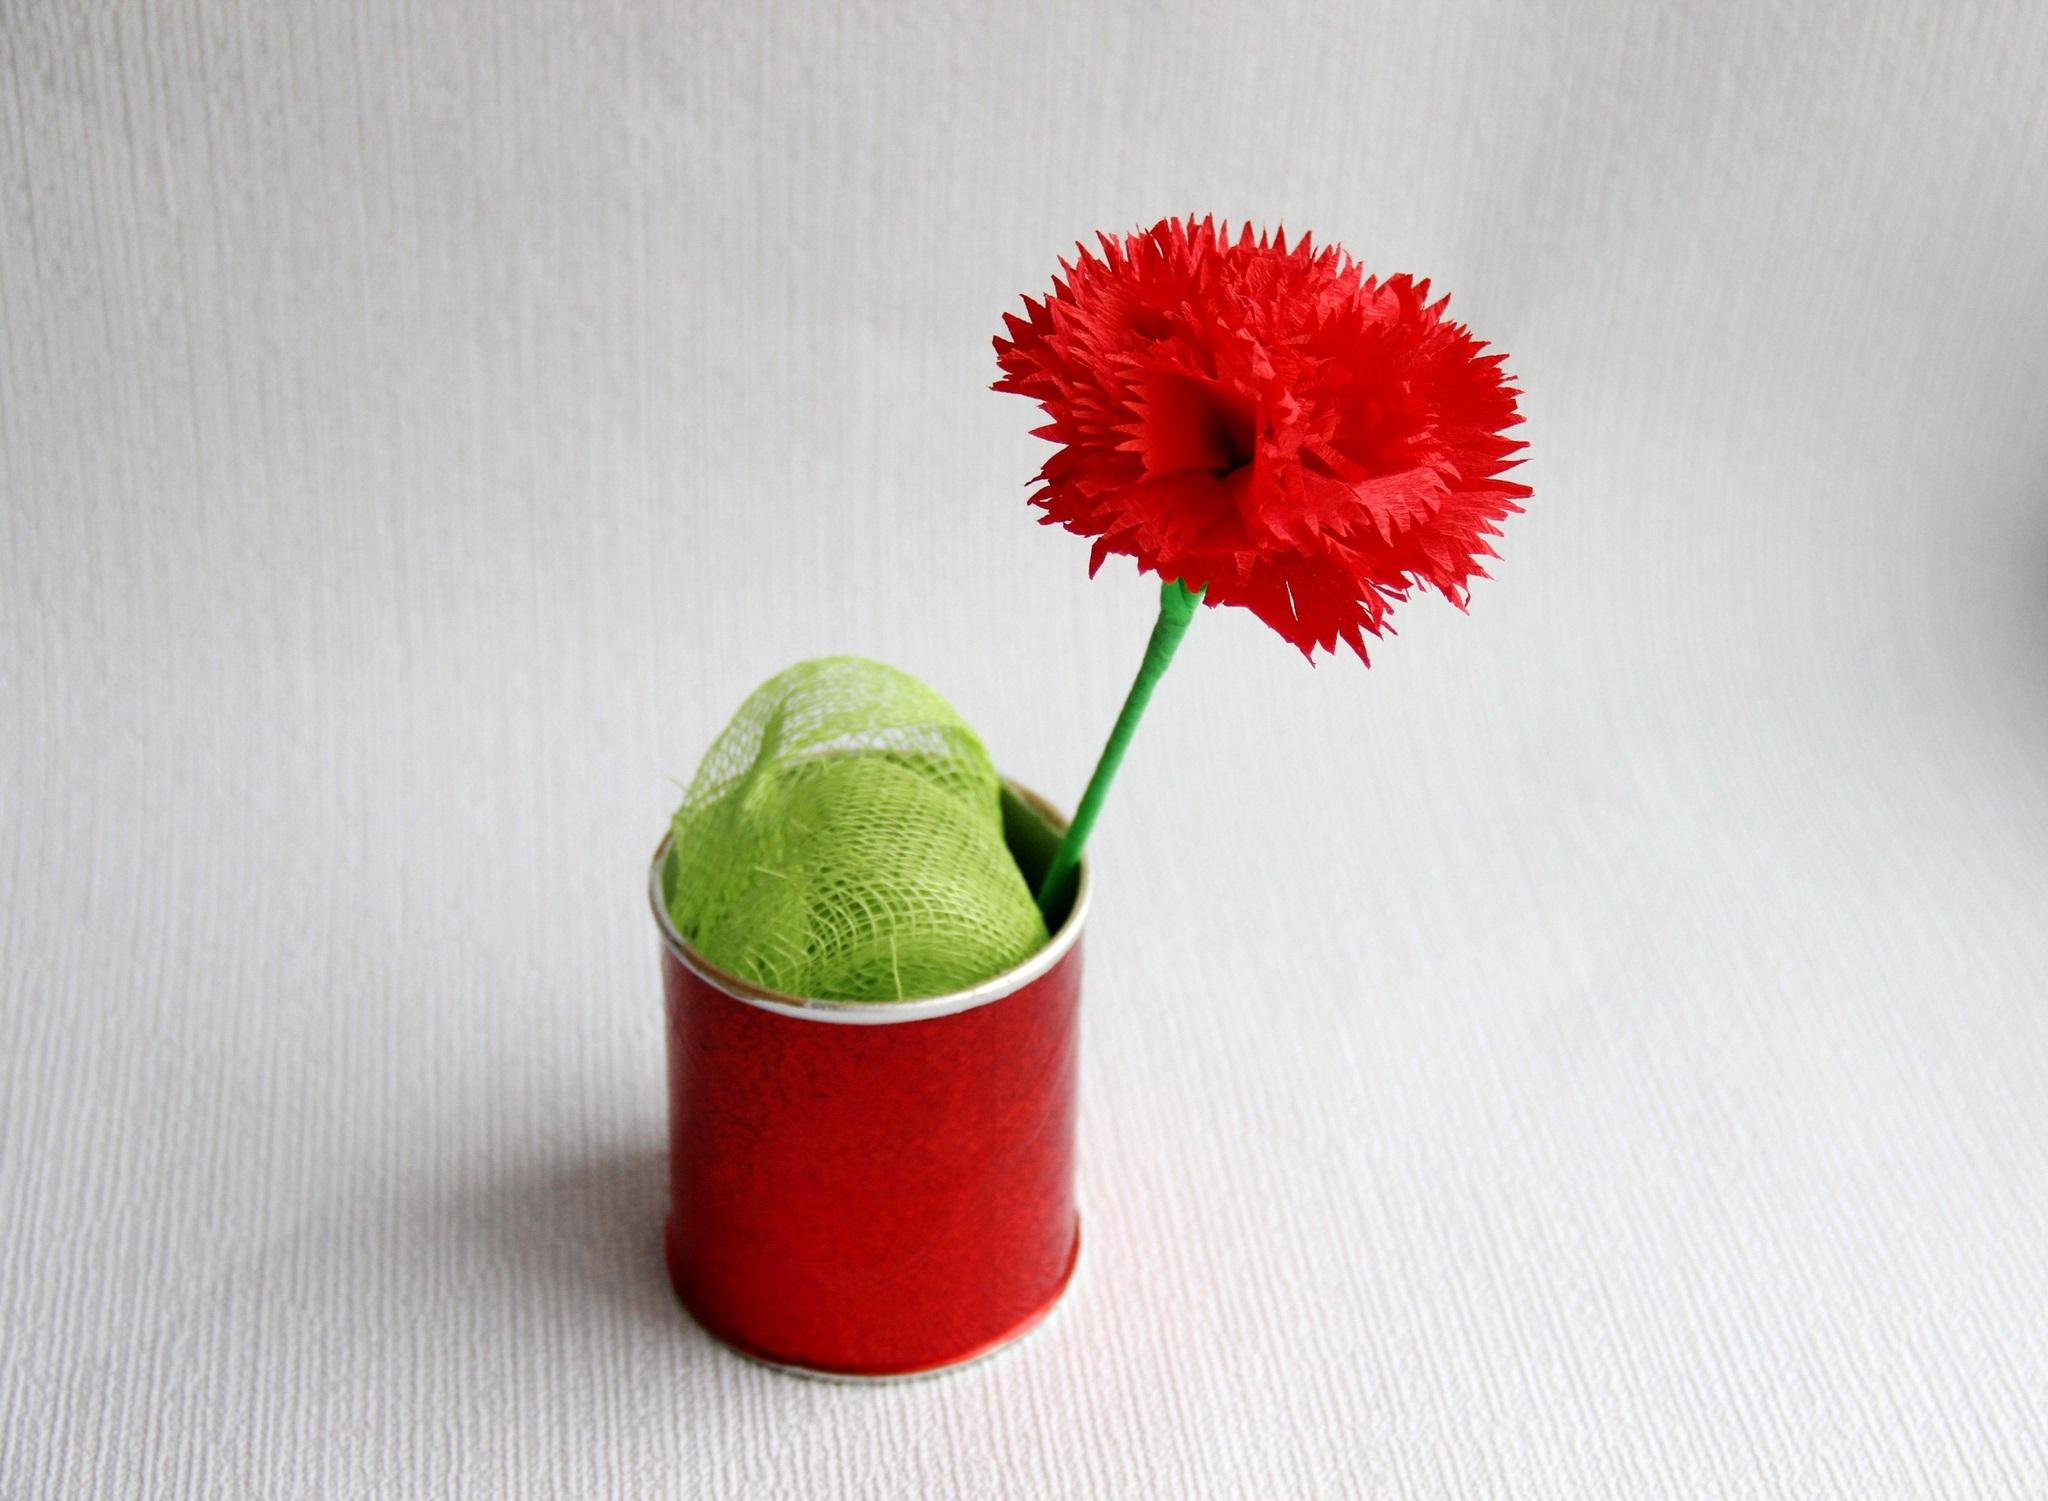 соединение стебля с цветком